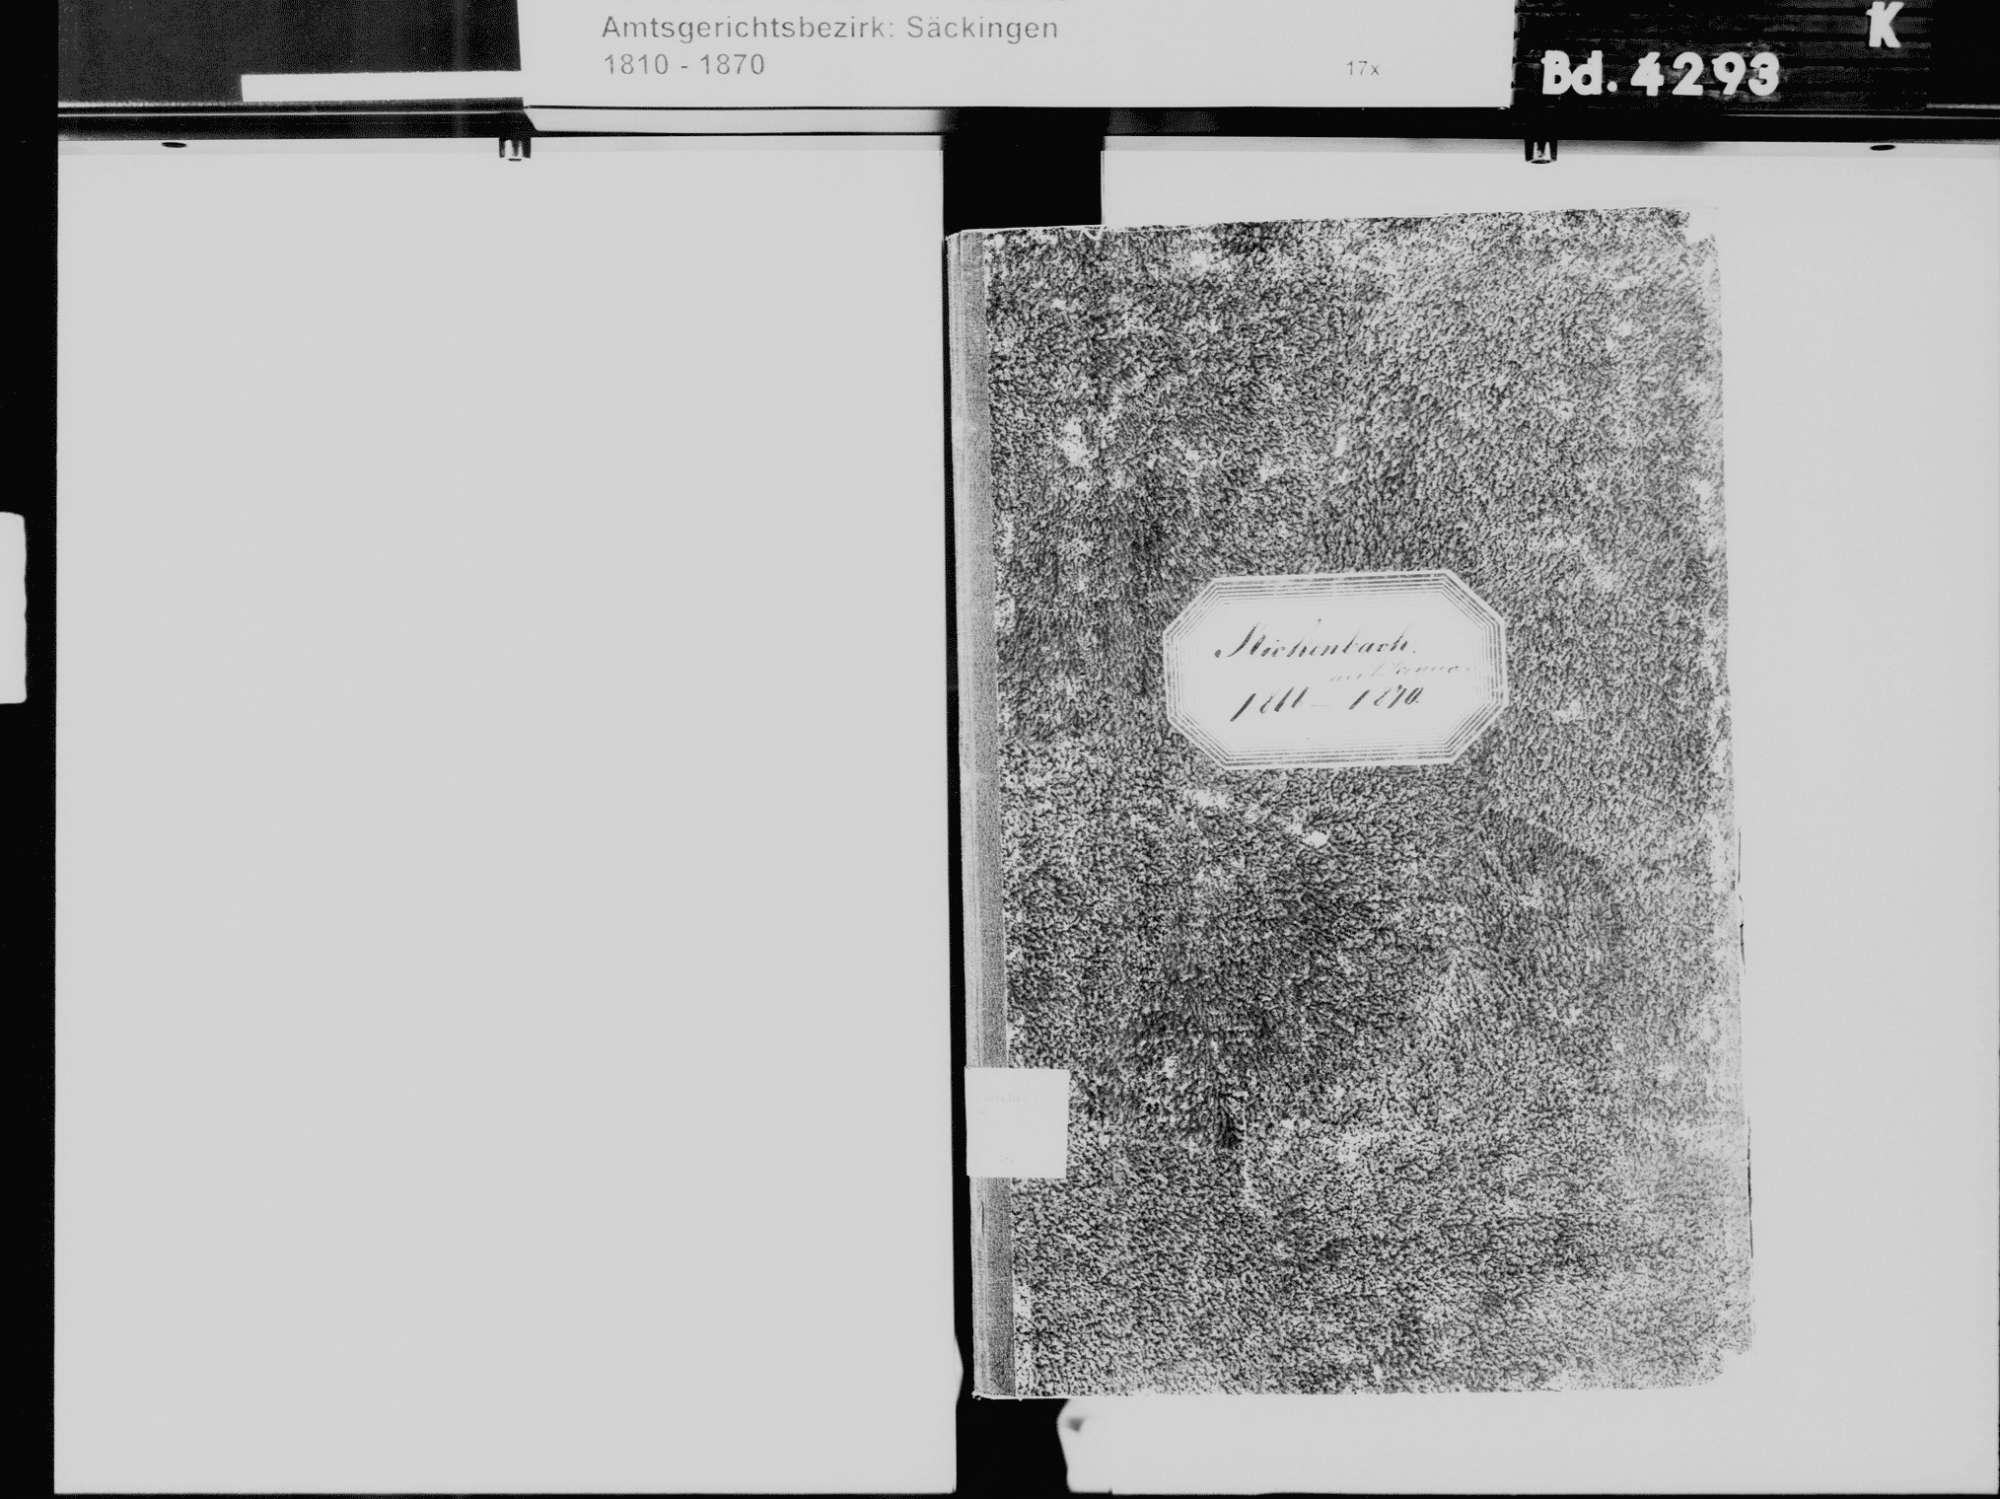 Rickenbach WT; Katholische Gemeinde: Sterbebuch 1866-1870, Bild 3